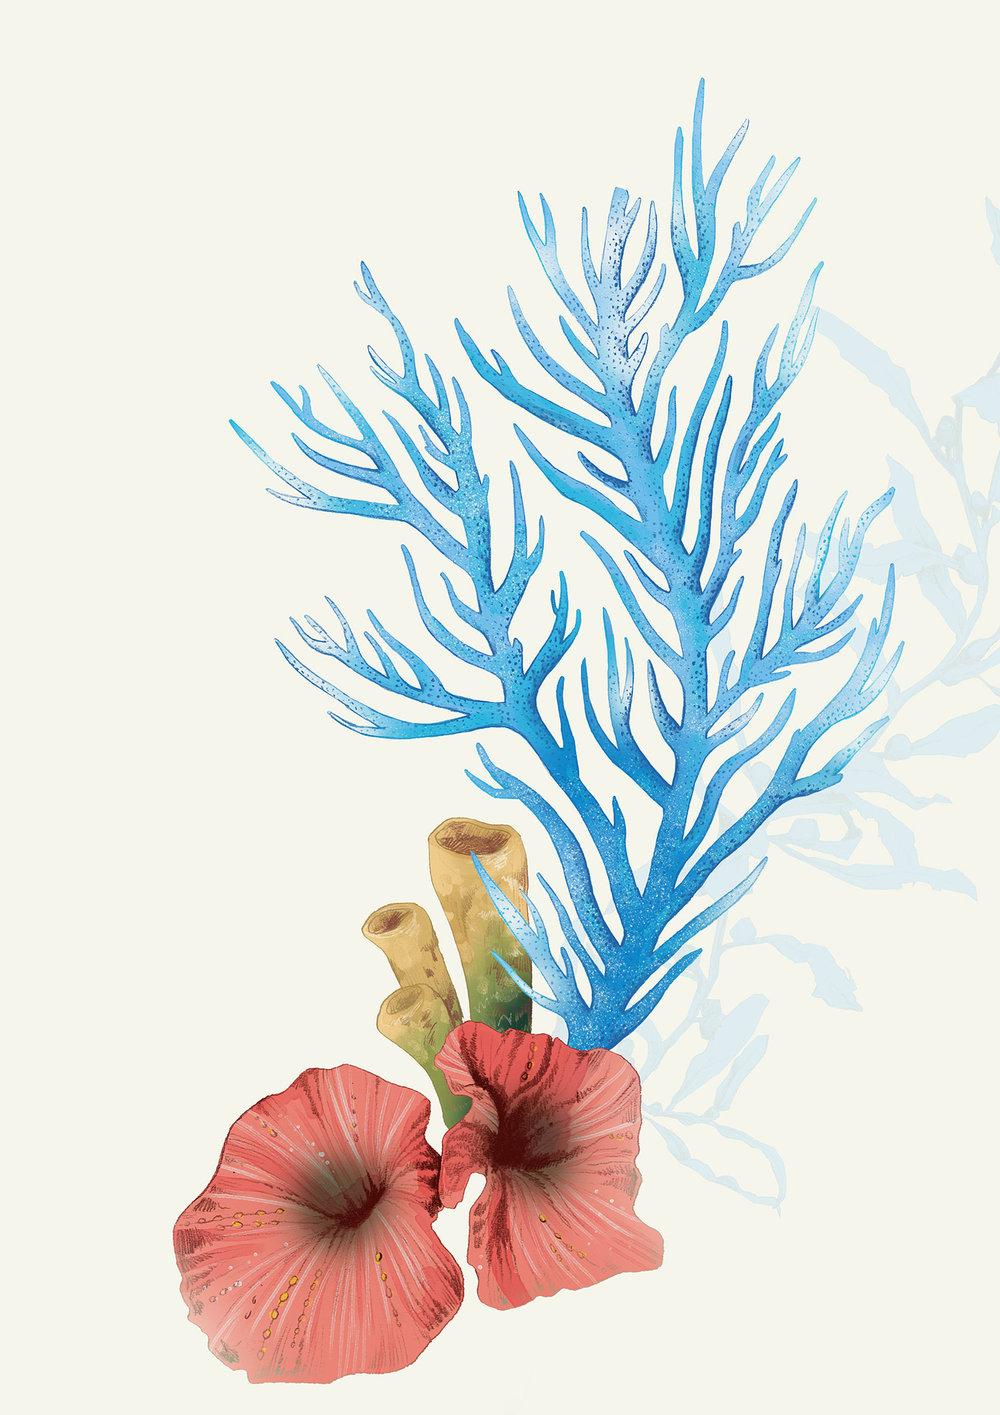 fig. 9. Corals element illustrations